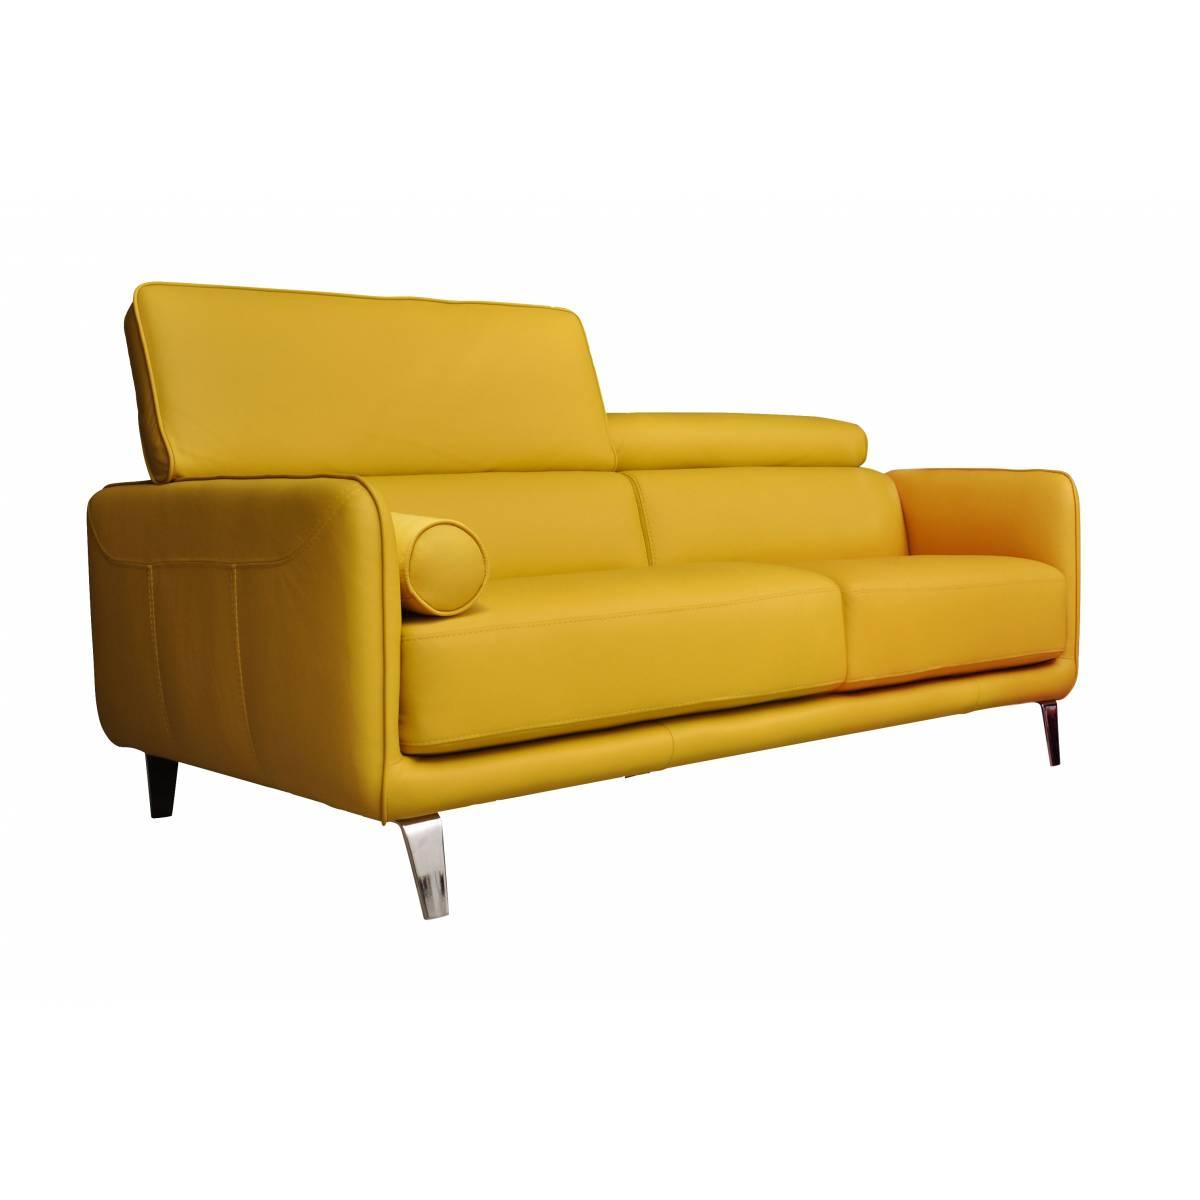 Palladium Leather Sofa